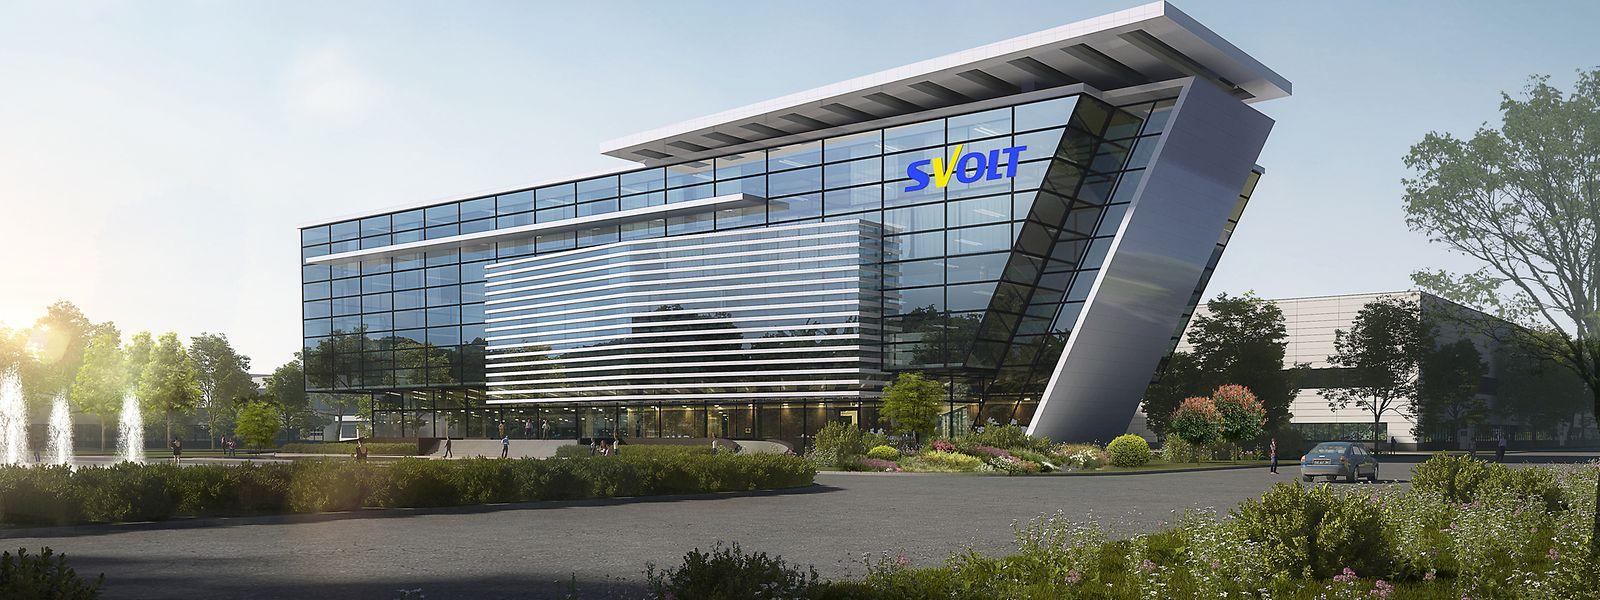 Der chinesische Automobilzulieferer Svolt Energy Technology will seine Europa-Produktion im Saarland ansiedeln.